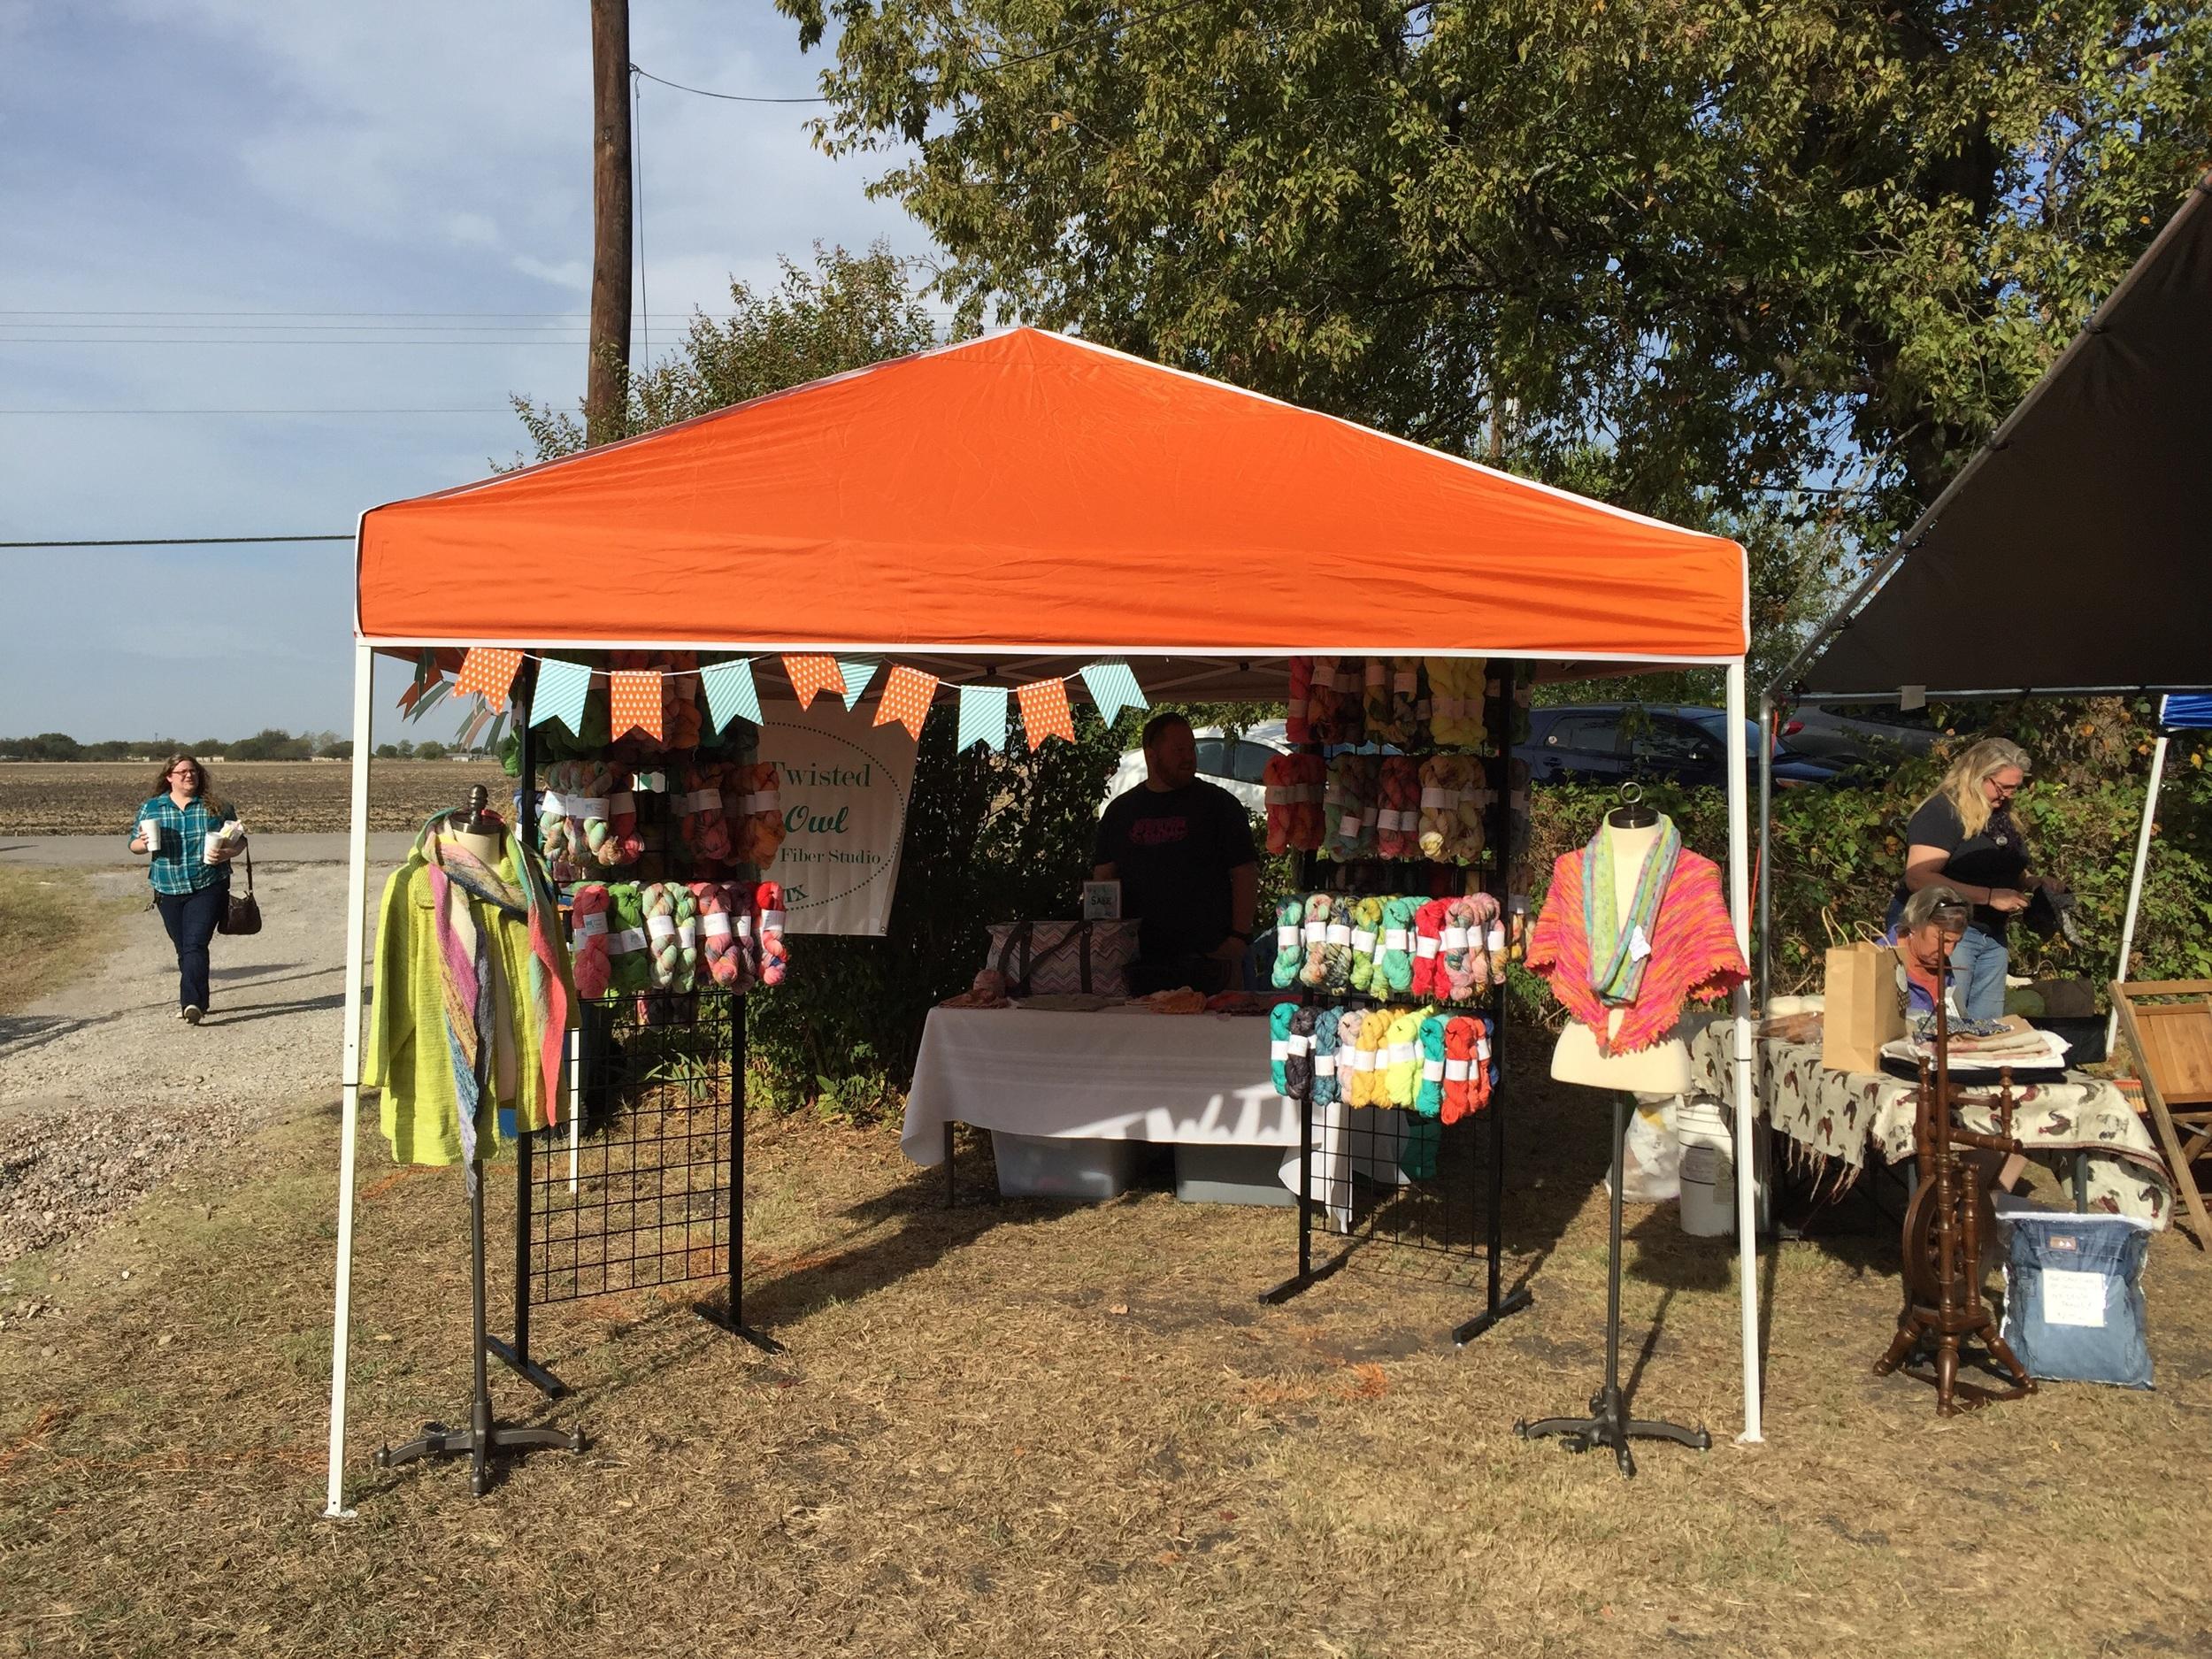 Our big orange tent!!